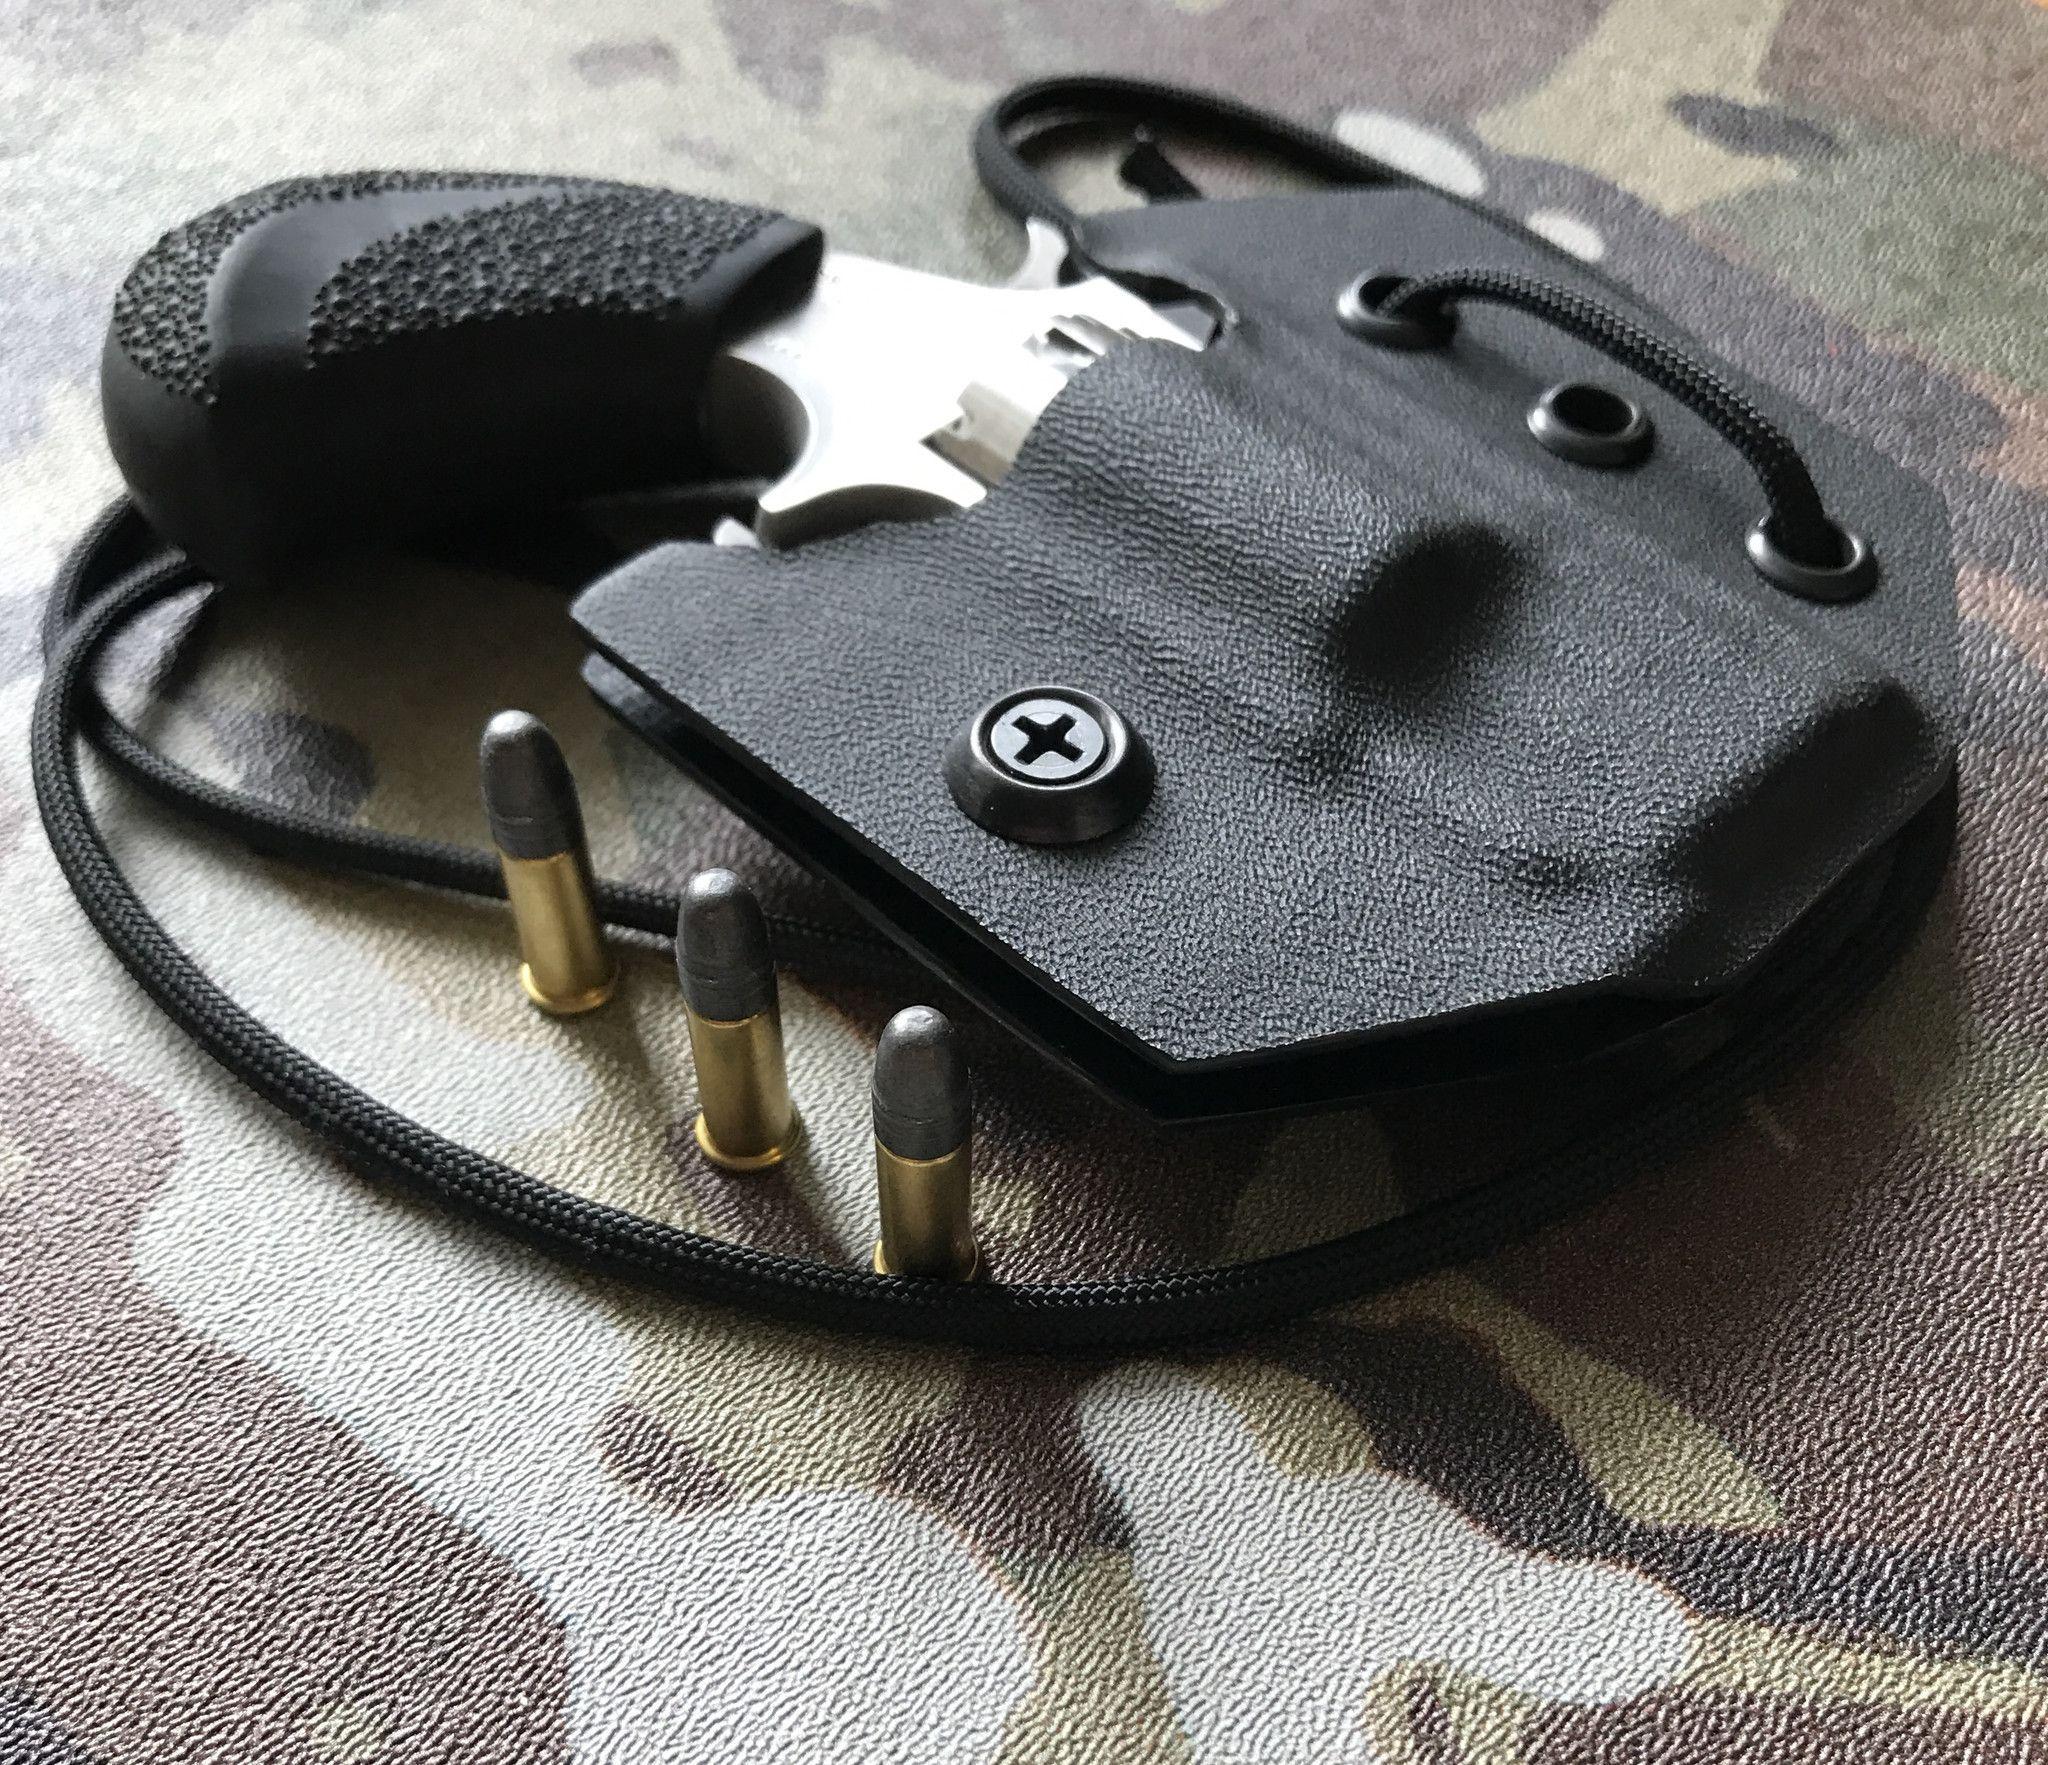 PUG Black Carbon Fiber Kydex Neck Holster For NAA .22 MAG